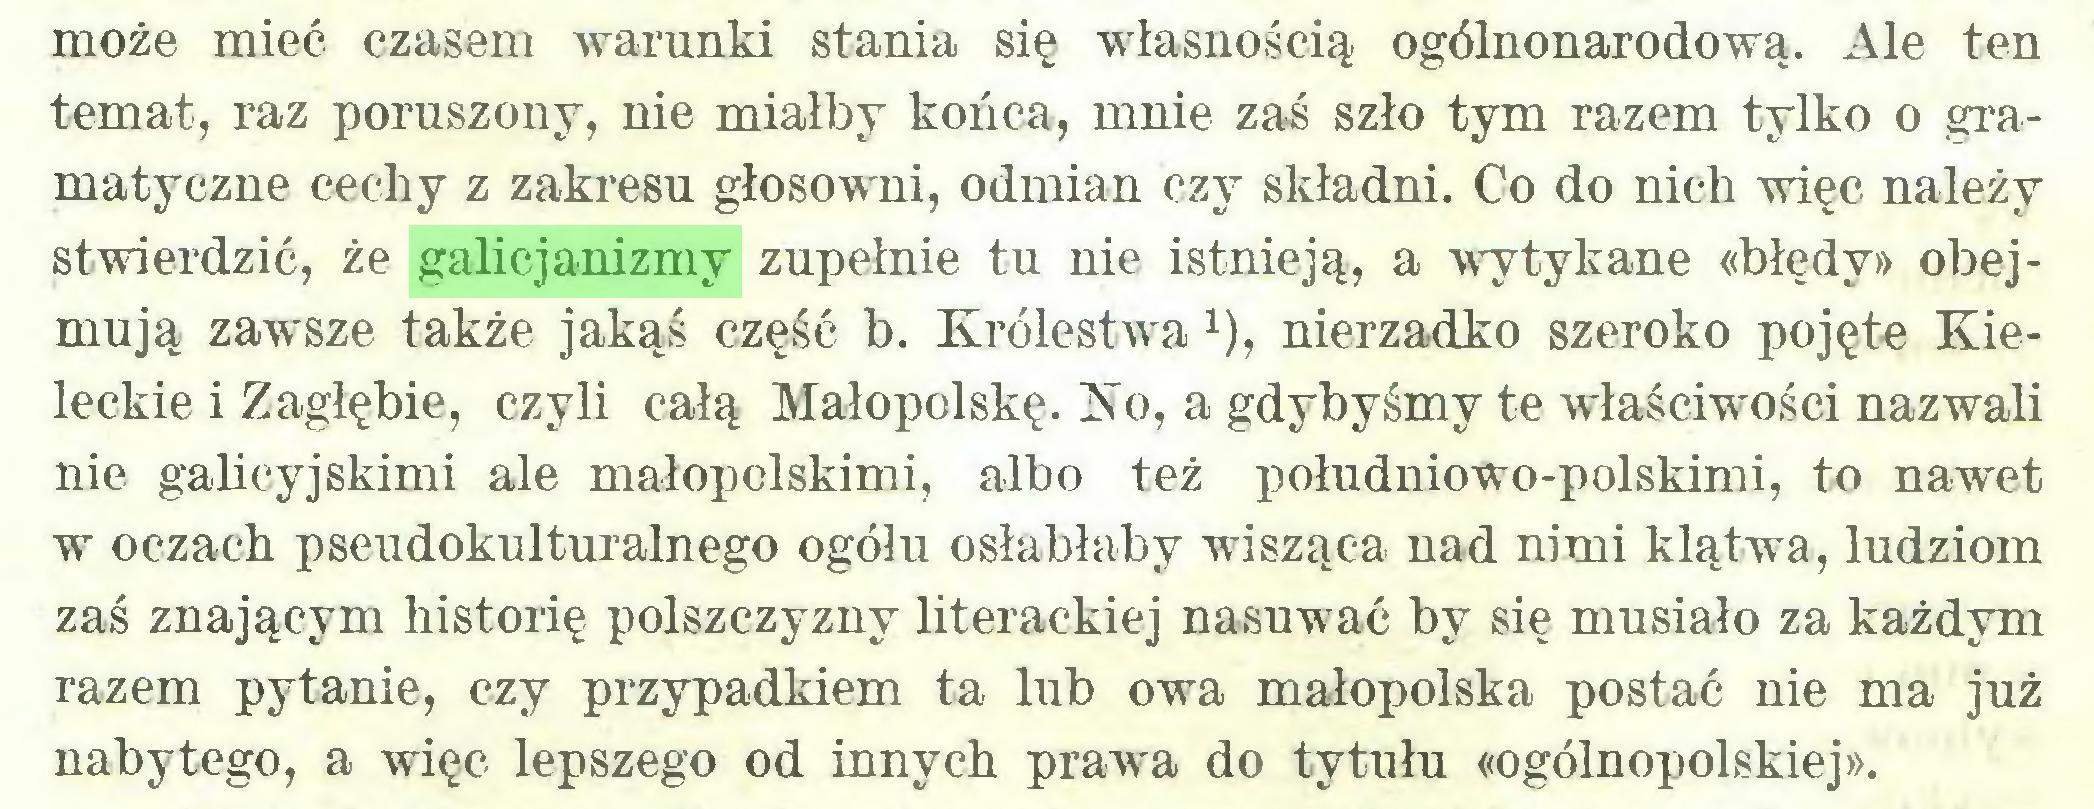 (...) może mieć czasem warunki stania się własnością ogólnonarodową. Ale ten temat, raz poruszony, nie miałby końca, mnie zaś szło tym razem tylko o gramatyczne cechy z zakresu głosowm, odmian czy składni. Co do nich więc należy stwierdzić, że galicjanizmy zupełnie tu nie istnieją, a wytykane «błędy» obejmują zawsze także jakąś część b. Królestwax), nierzadko szeroko pojęte Kieleckie i Zagłębie, czyli całą Małopolskę. Ko, a gdybyśmy te właściwości nazwali nie galicyjskimi ale małopolskimi, albo też południowo-polskimi, to nawet w oczach pseudokulturalnego ogóiu osłabłaby wisząca nad nimi klątwa, ludziom zaś znającym historię polszczyzny literackiej nasuw ać by się musiało za każdym razem pytanie, czy przypadkiem ta lub owa małopolska postać nie ma już nabytego, a więc lepszego od innych prawa do tytułn «ogólnopolskiej»...